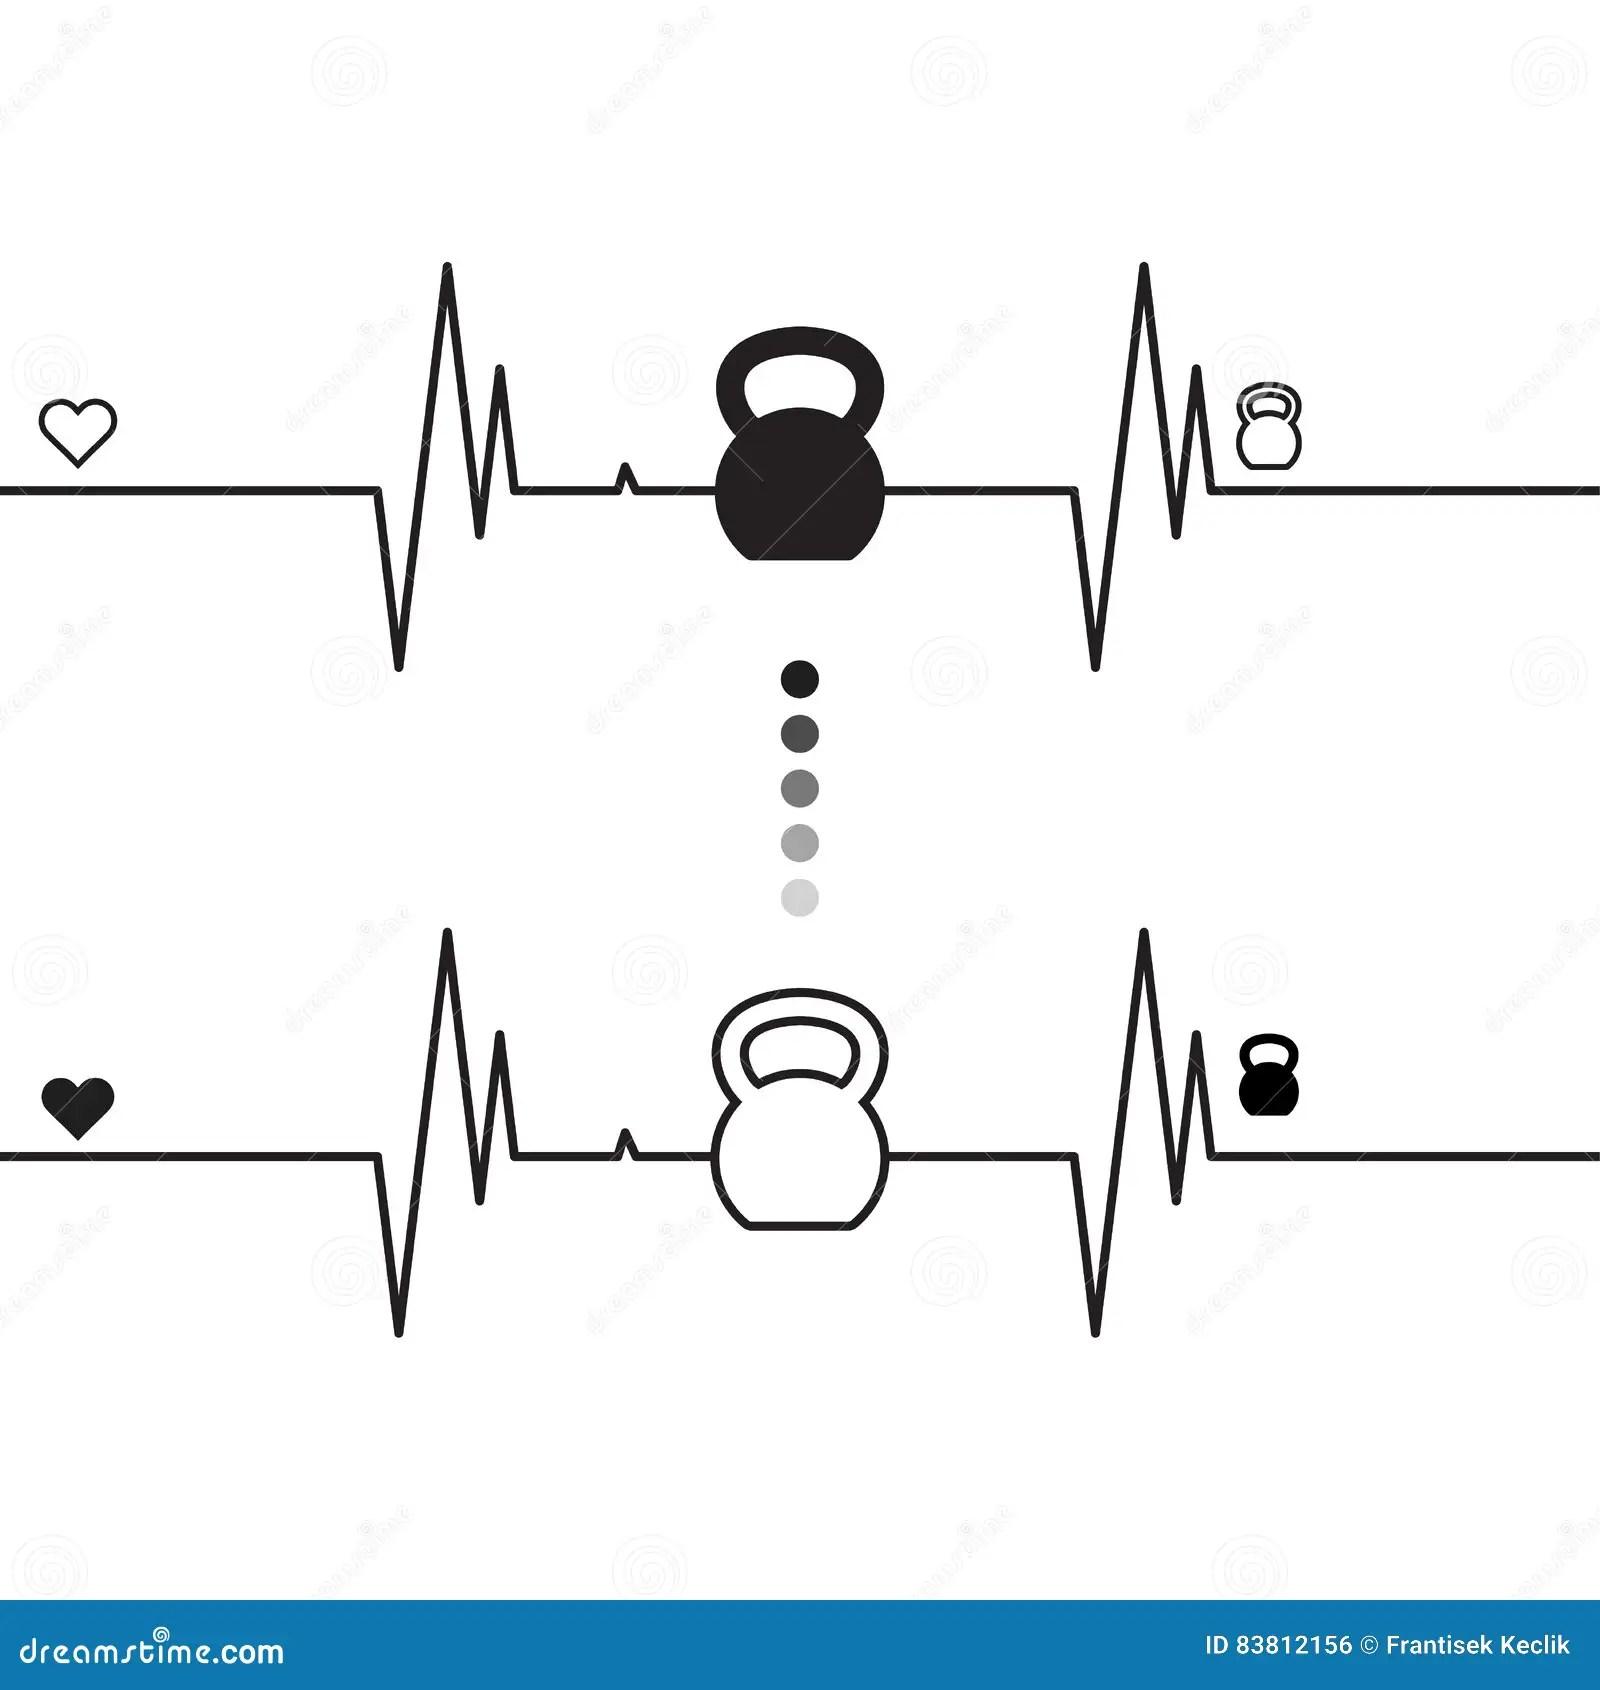 ecg heart diagram